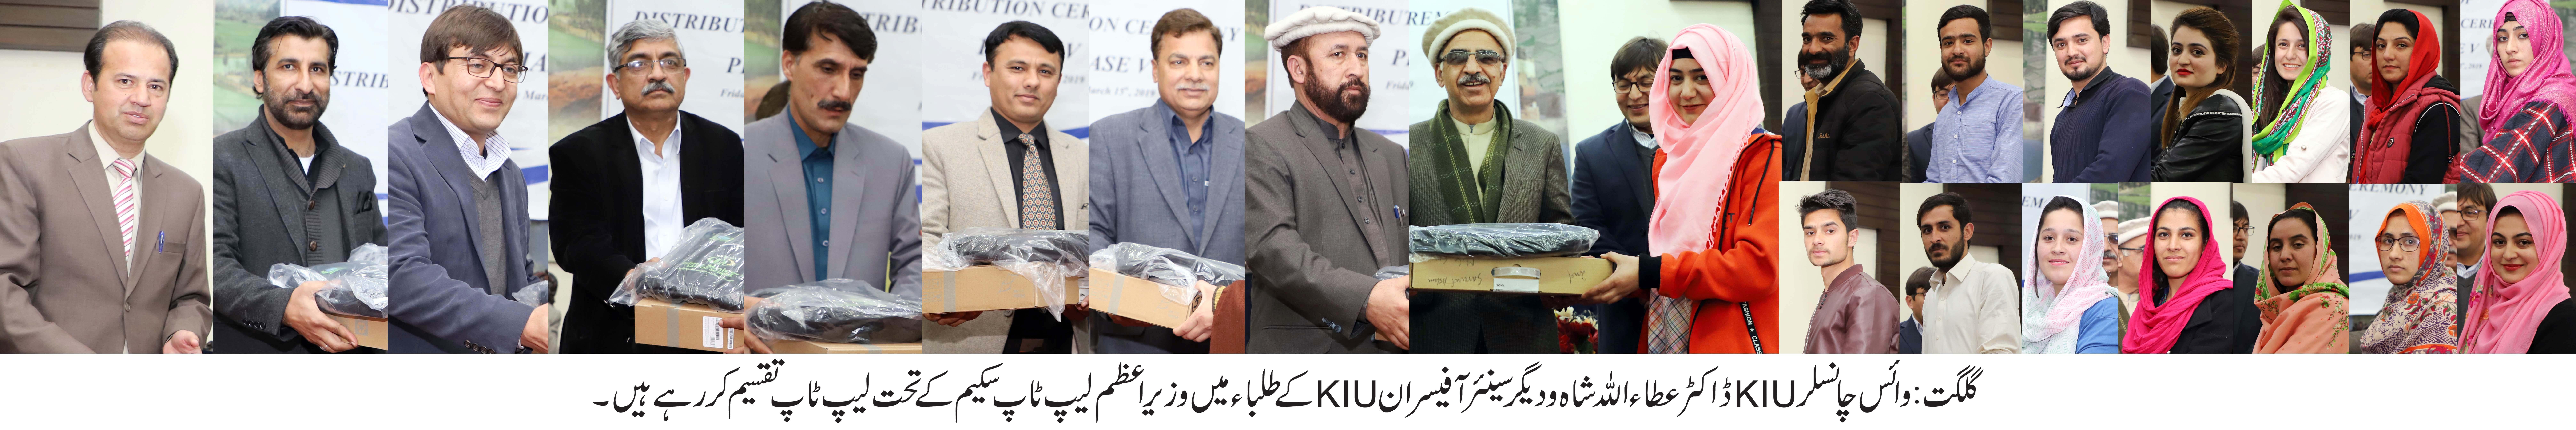 قراقرم یونیورسٹی کے 100طلبہ و طالبات میں وزیراعظم قومی لیپ ٹاپ سکیم کے تحت لیپ ٹاپ تقسیم